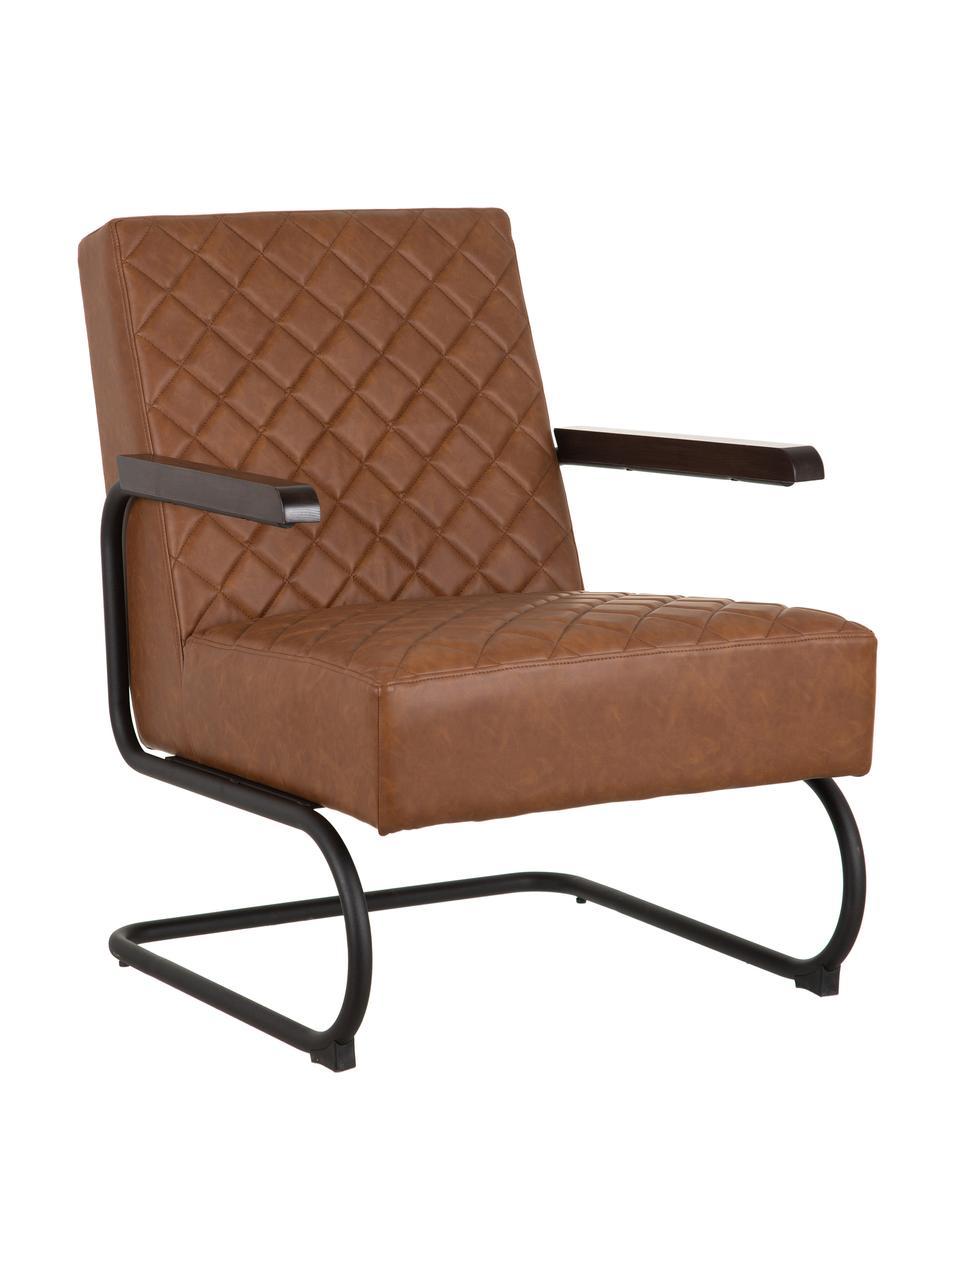 Fotel wypoczynkowy ze sztucznej skóry Arne, Tapicerka: sztuczna skóra (poliureta, Stelaż: płyta wiórowa, Nogi: metal powlekany, Brązowy, czarny, S 70 x G 85 cm